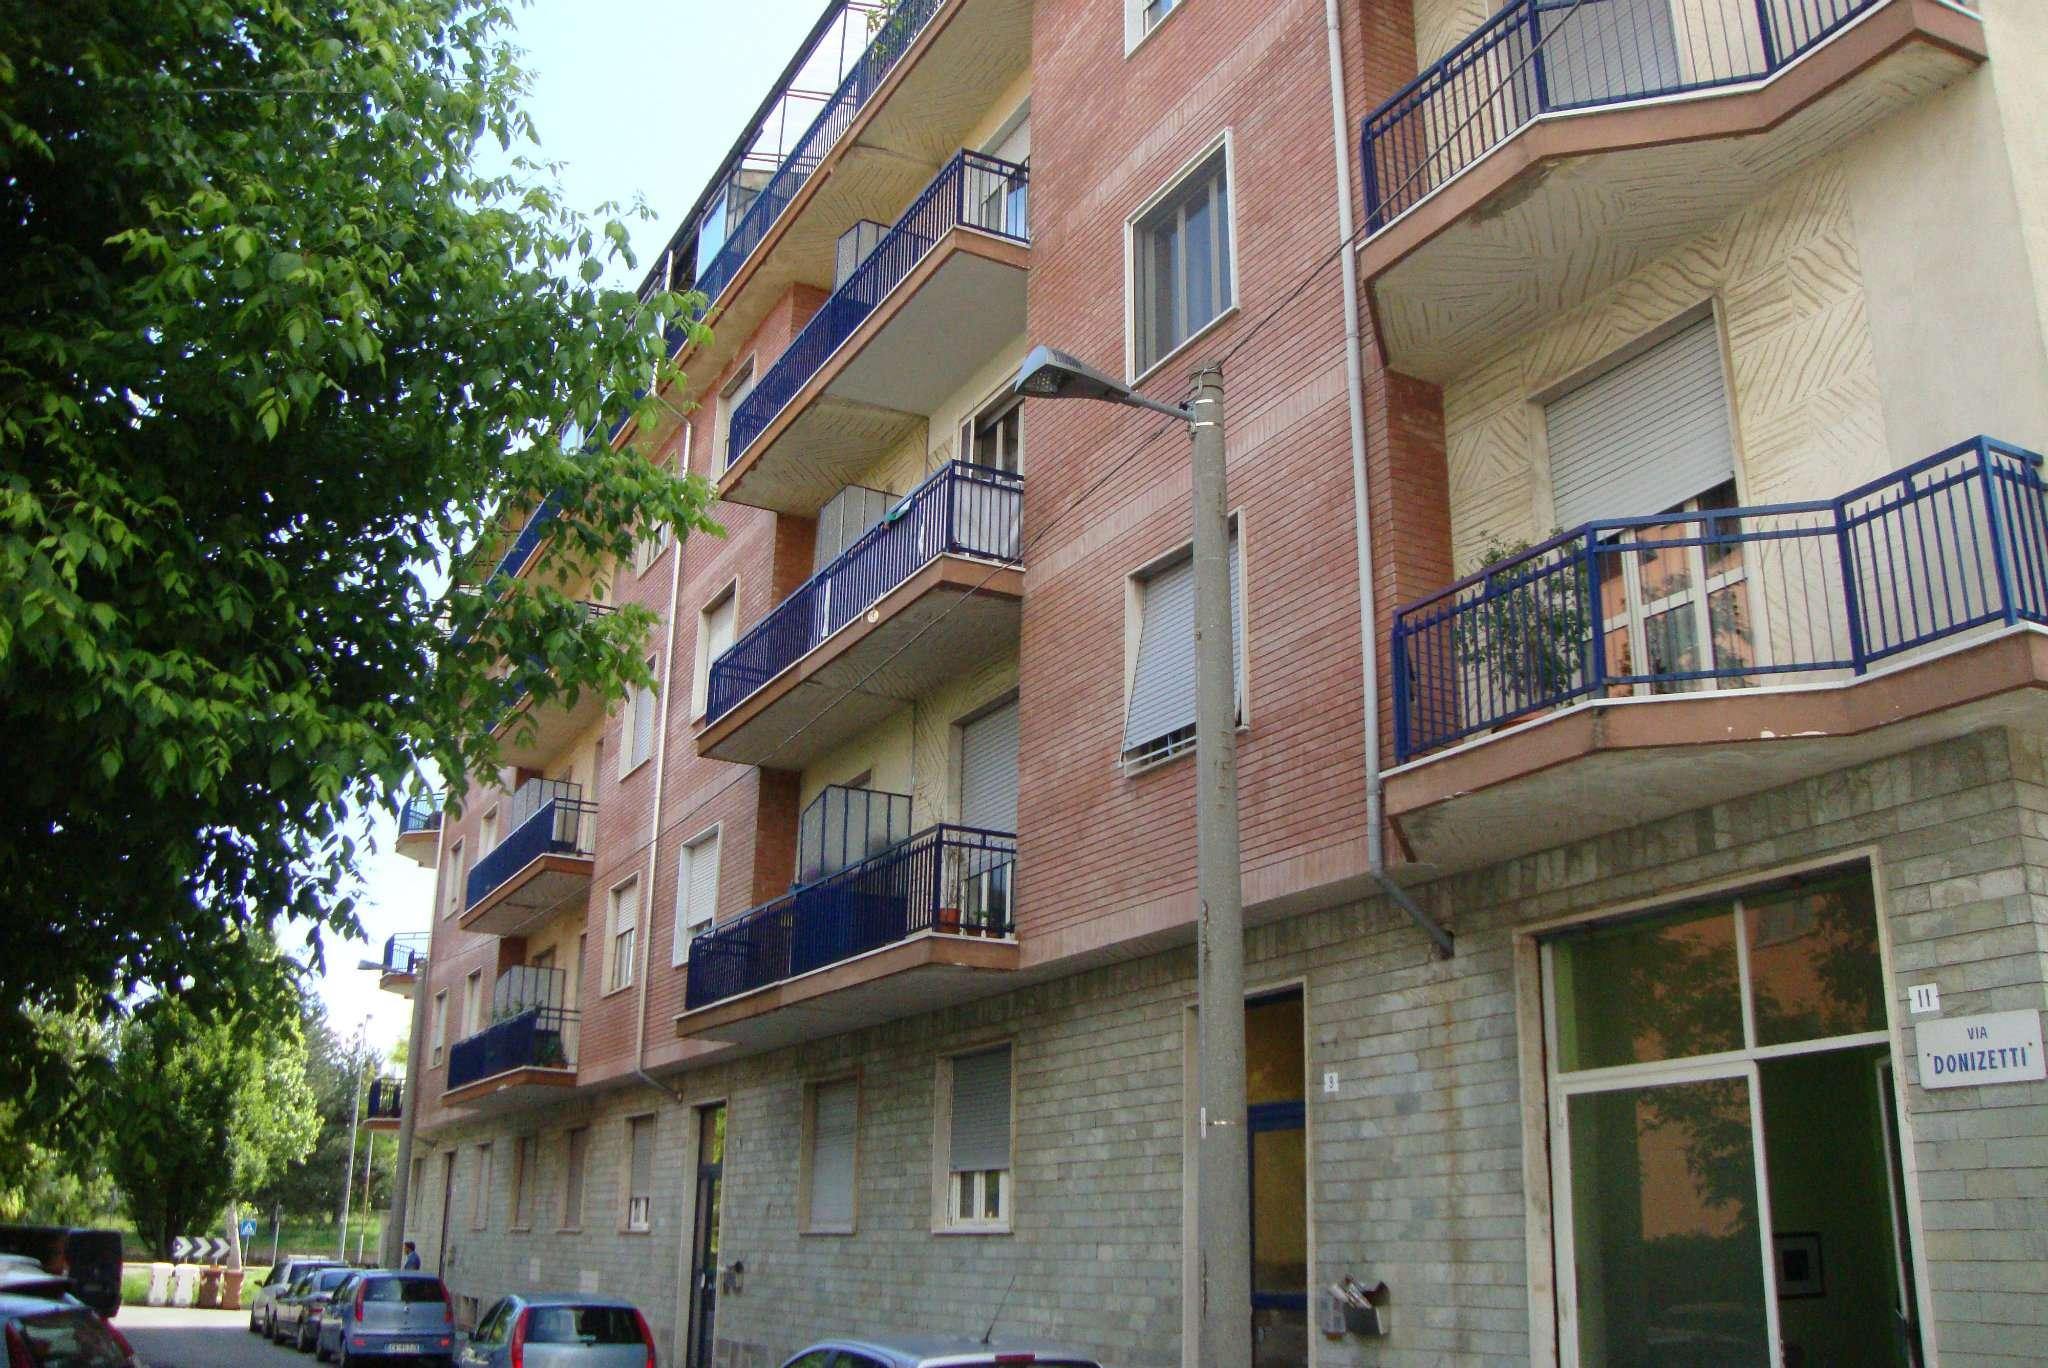 Appartamento in vendita via Donizetti Grugliasco